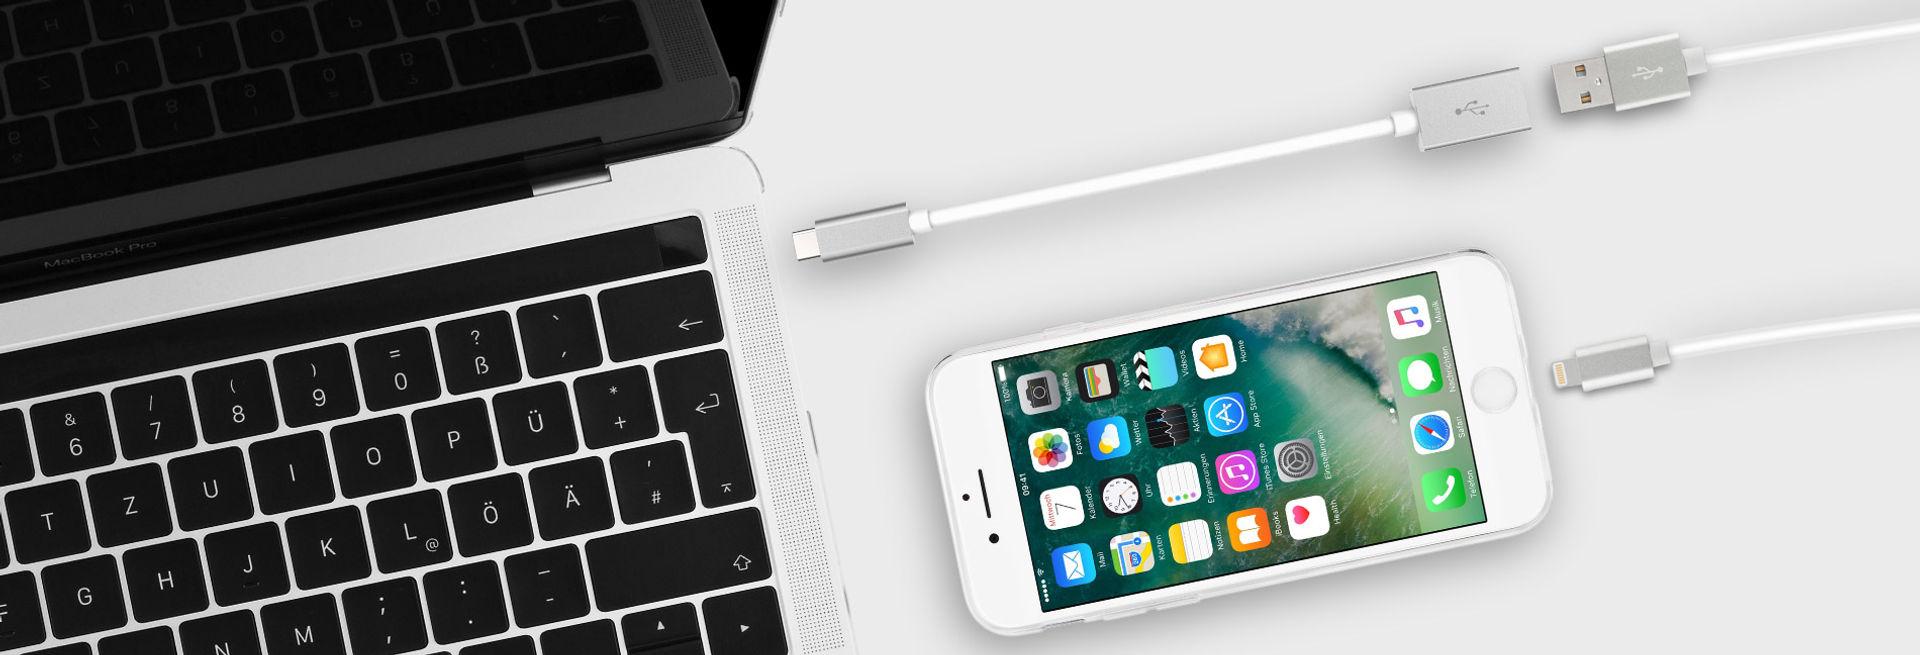 Verbinde Dein neues USB-C Produkt mit USB-A Geräten